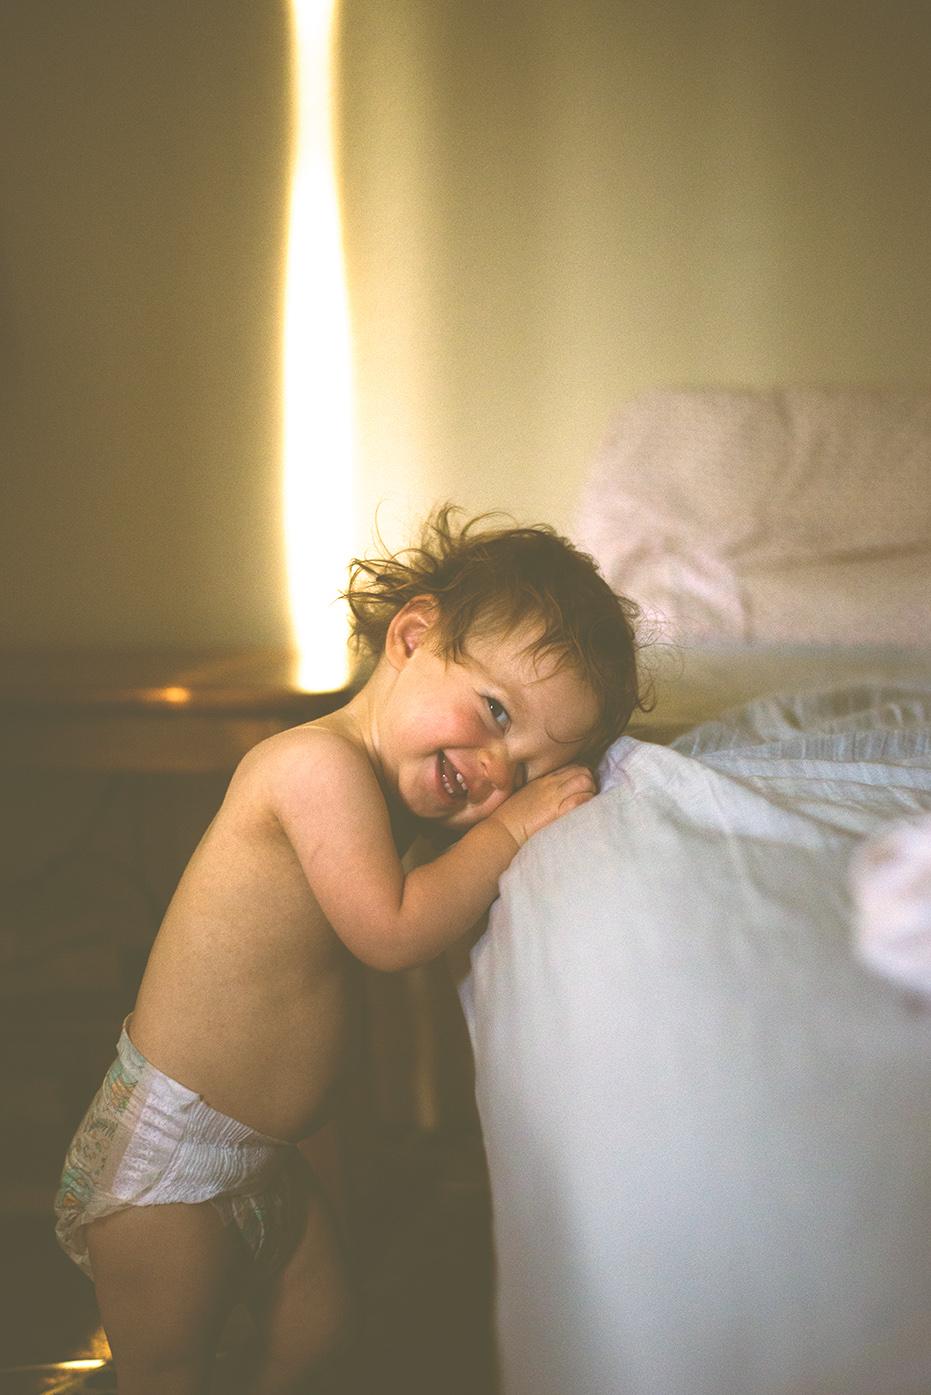 Josephine laughing_1_S.jpg